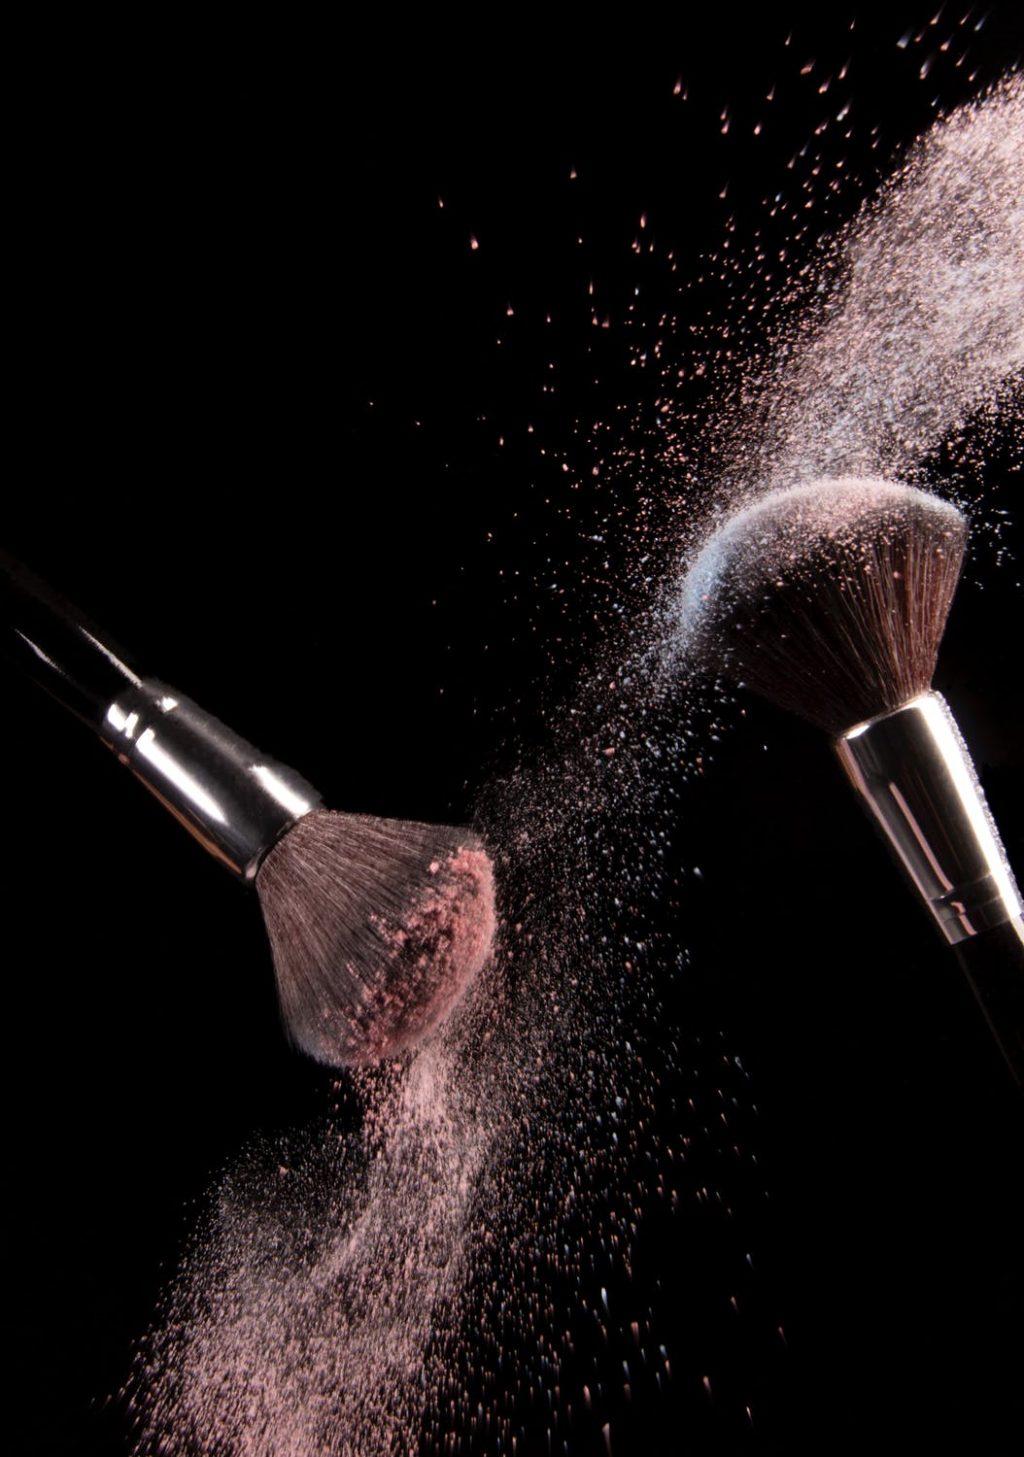 Học hỏi cách trang điểm và đánh má hồng cho gương mặt tròn.